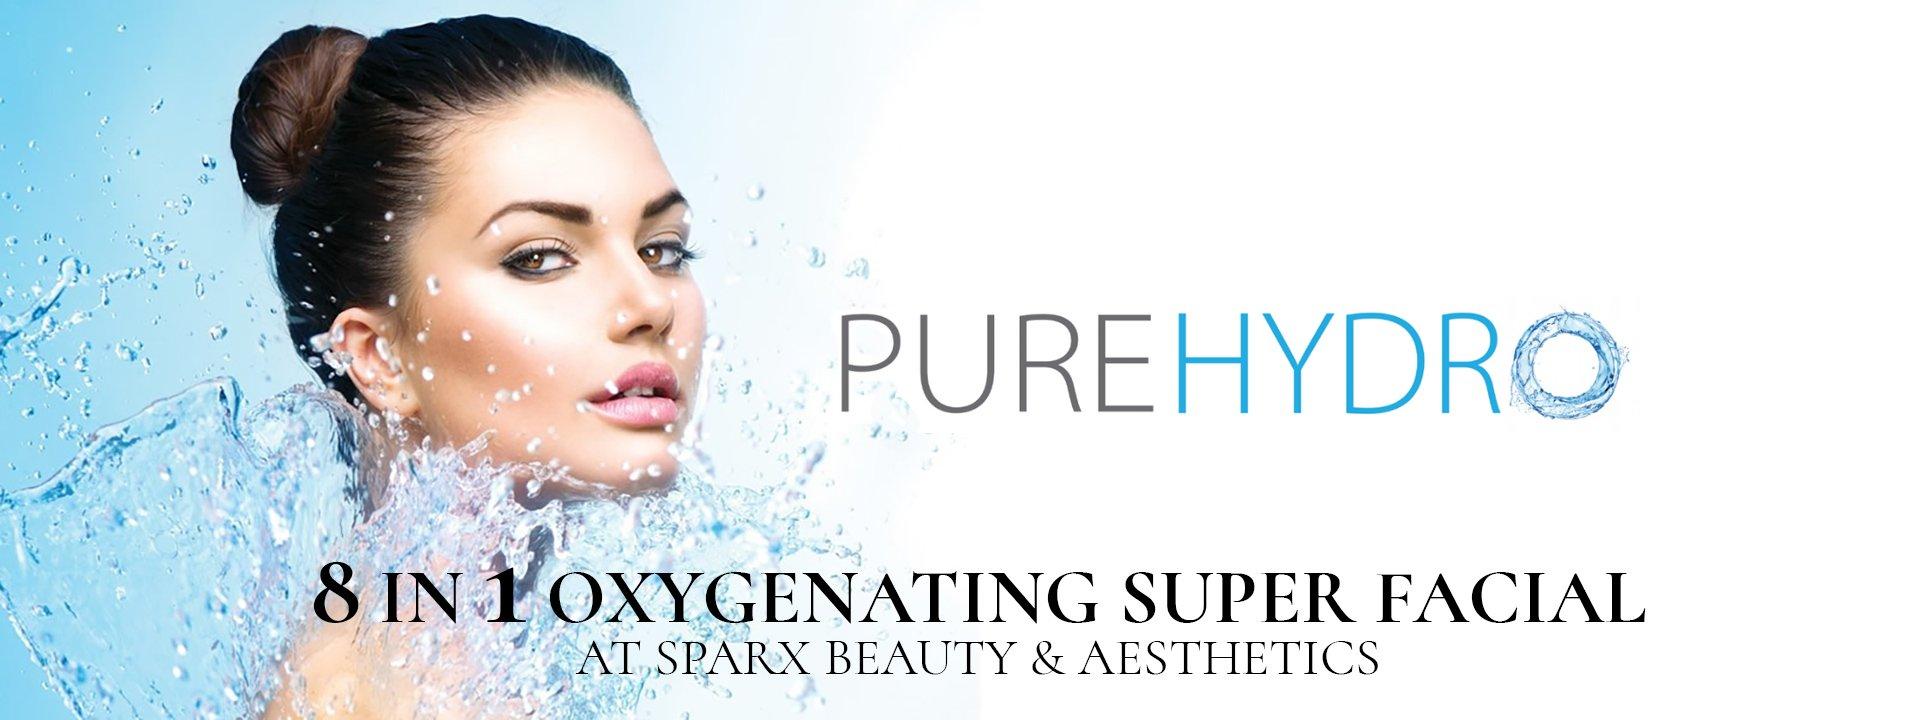 Pure Hydro Super Facial Winchester Beauty Salon